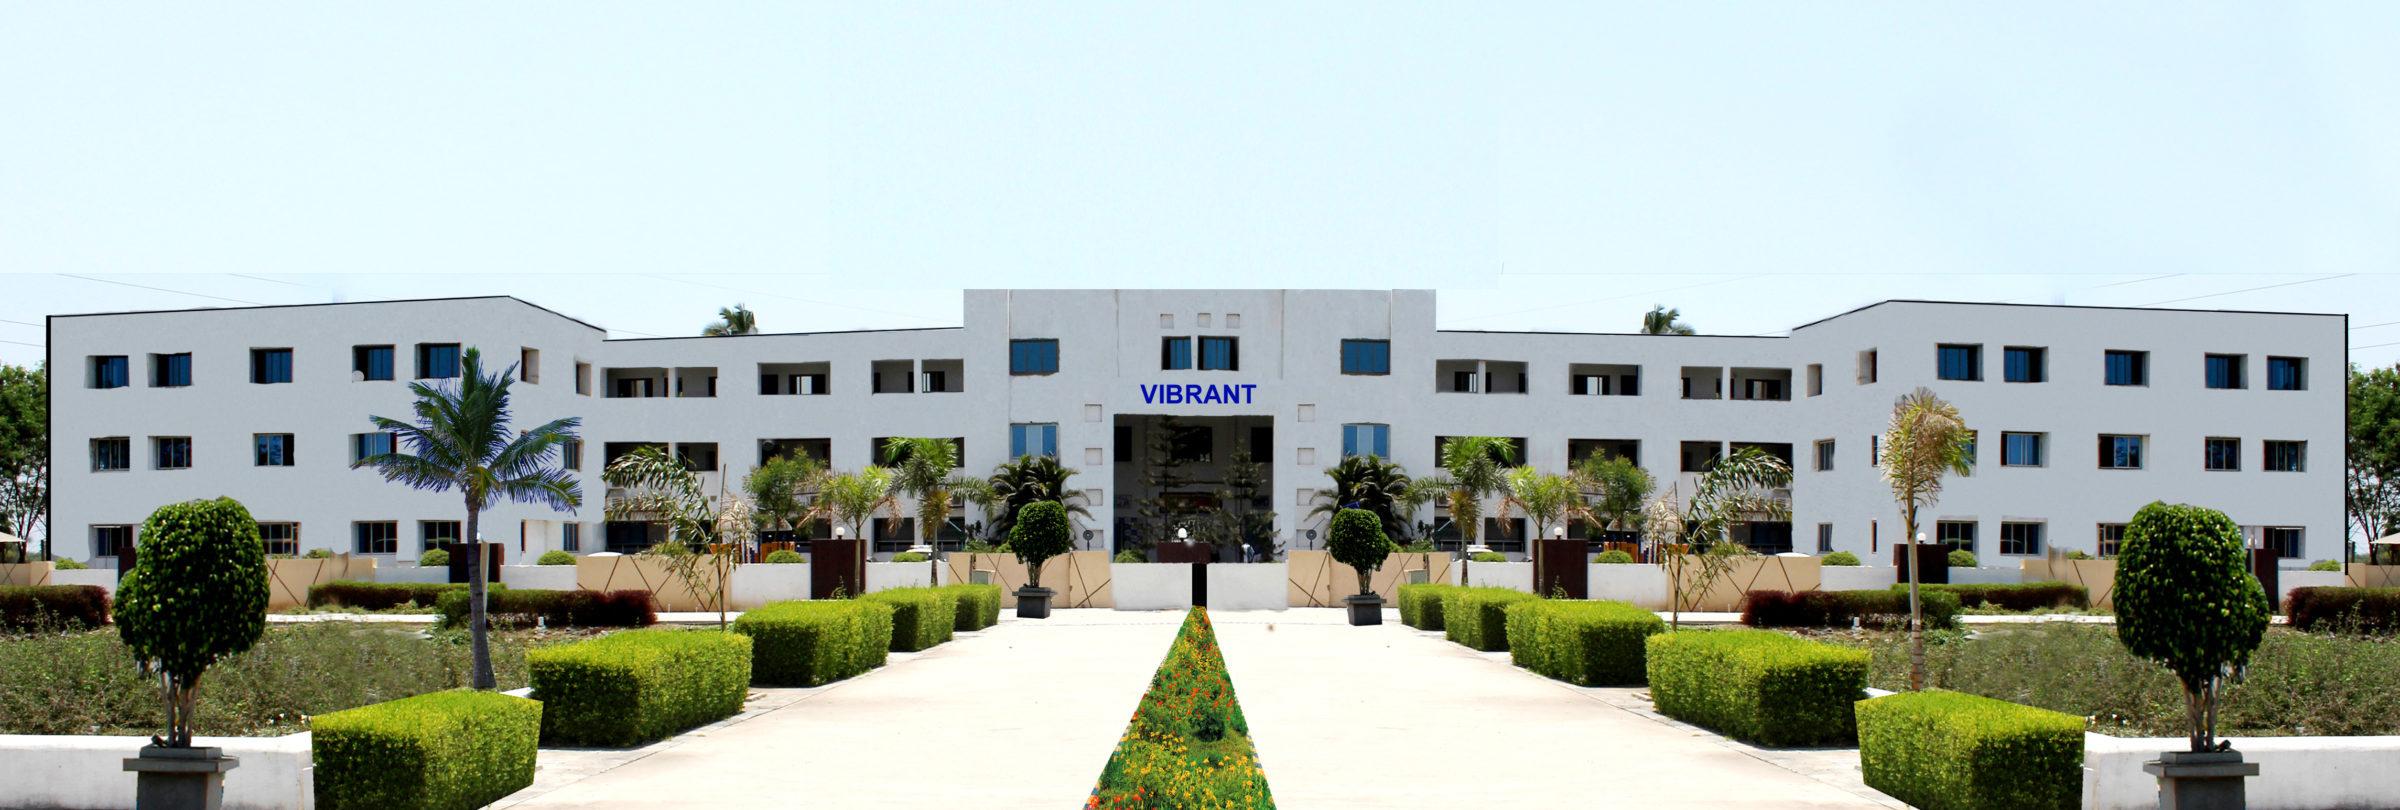 Vibrant Nursing College, Surat Image